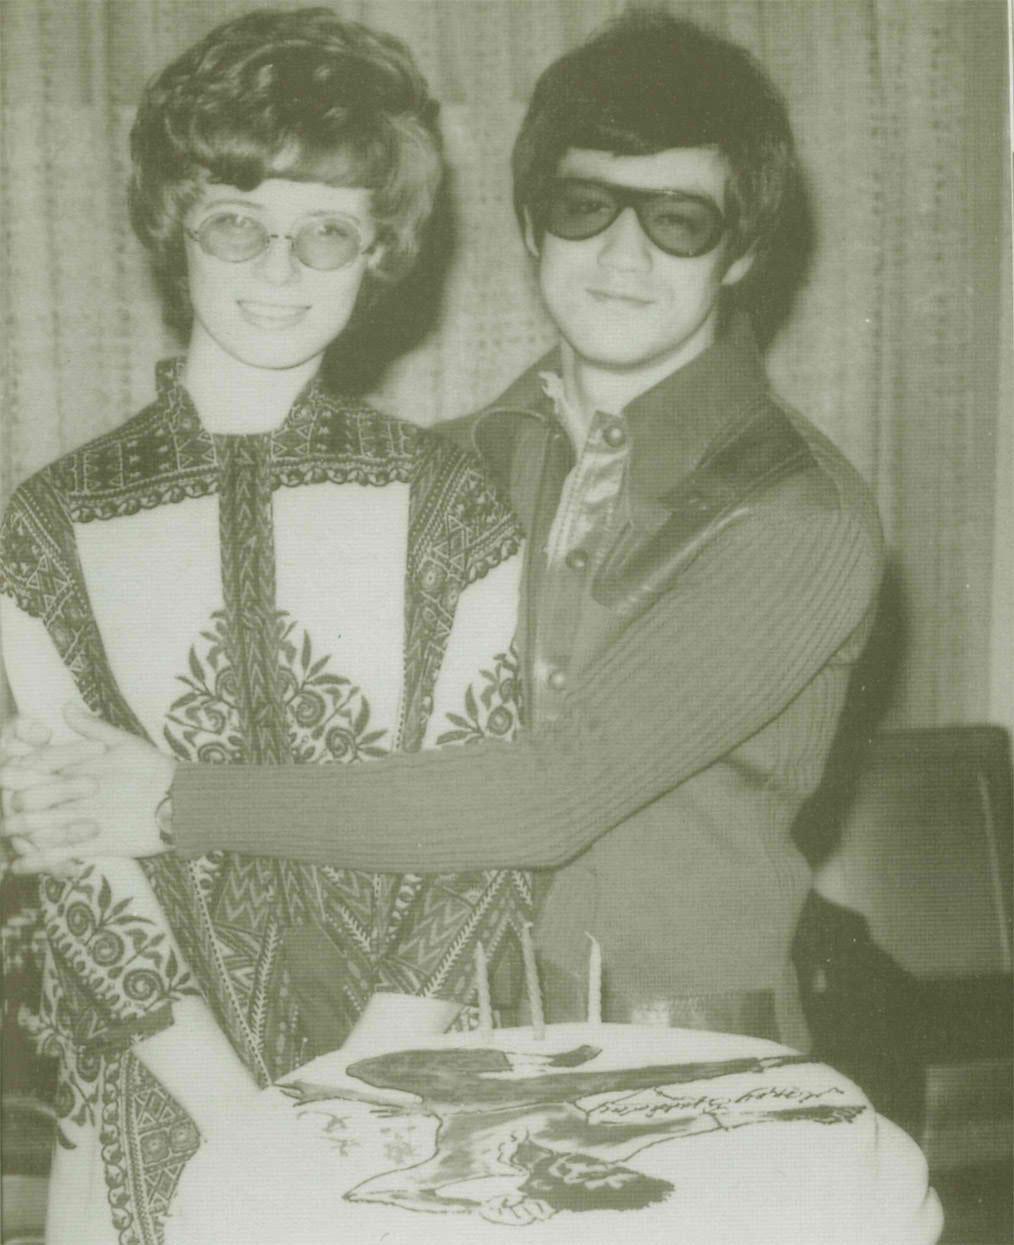 Bruce with Linda - Bru...